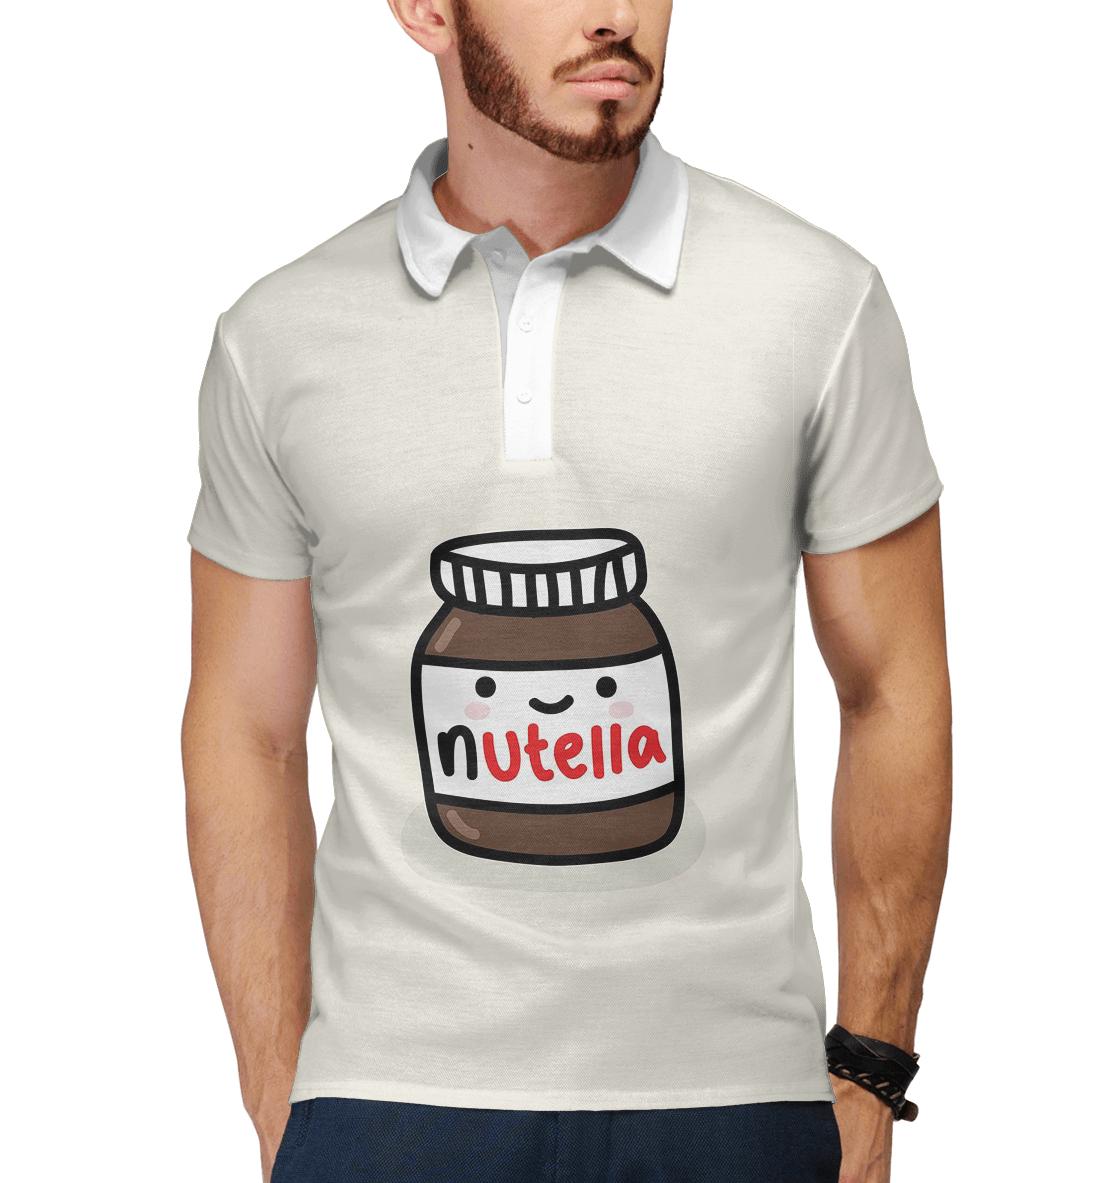 nutella илья ильин пока не nutella…